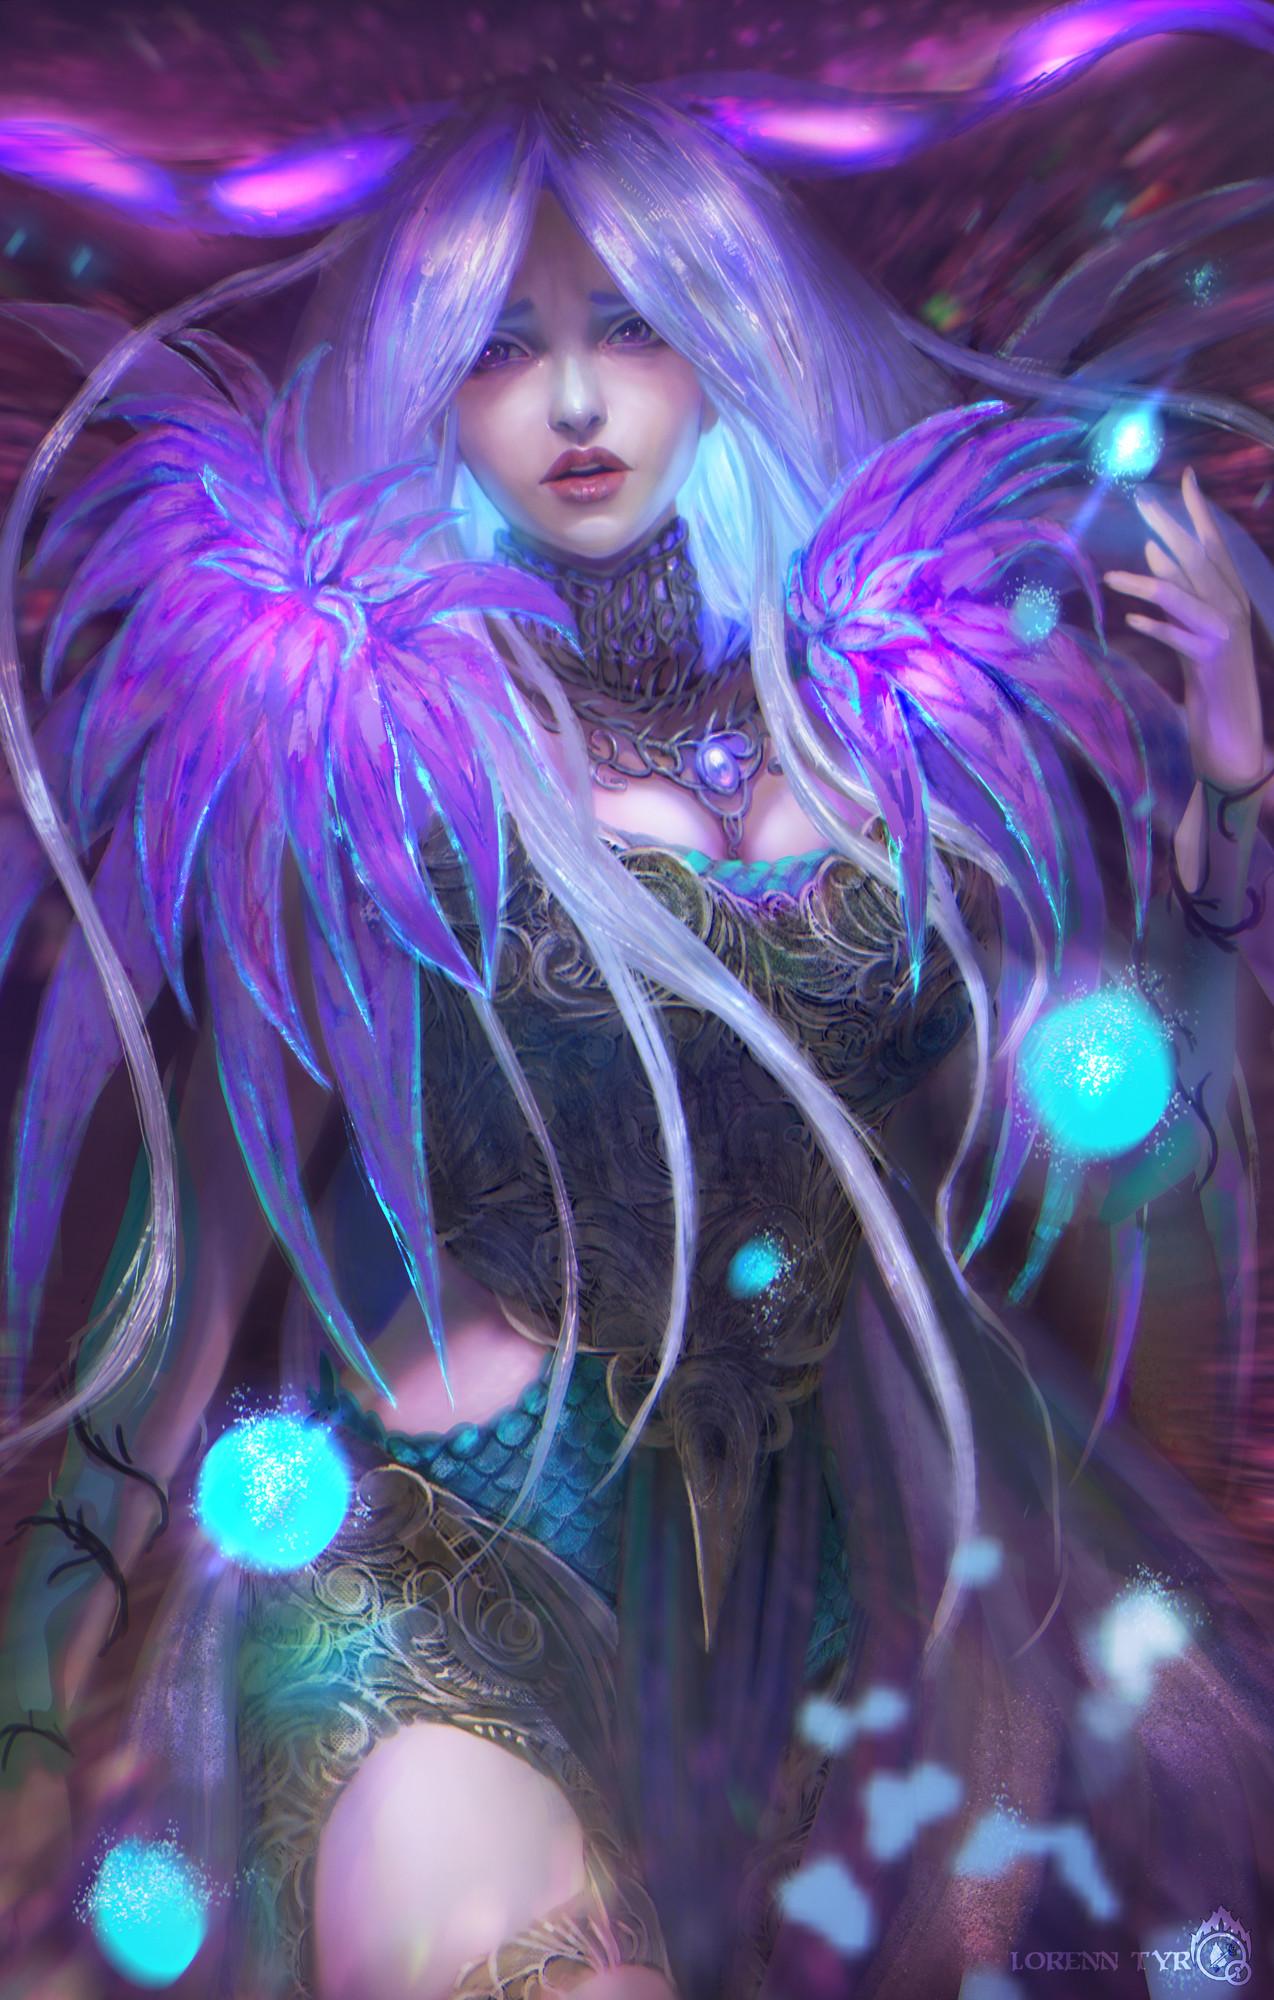 Lorenn tyr fantasy dream